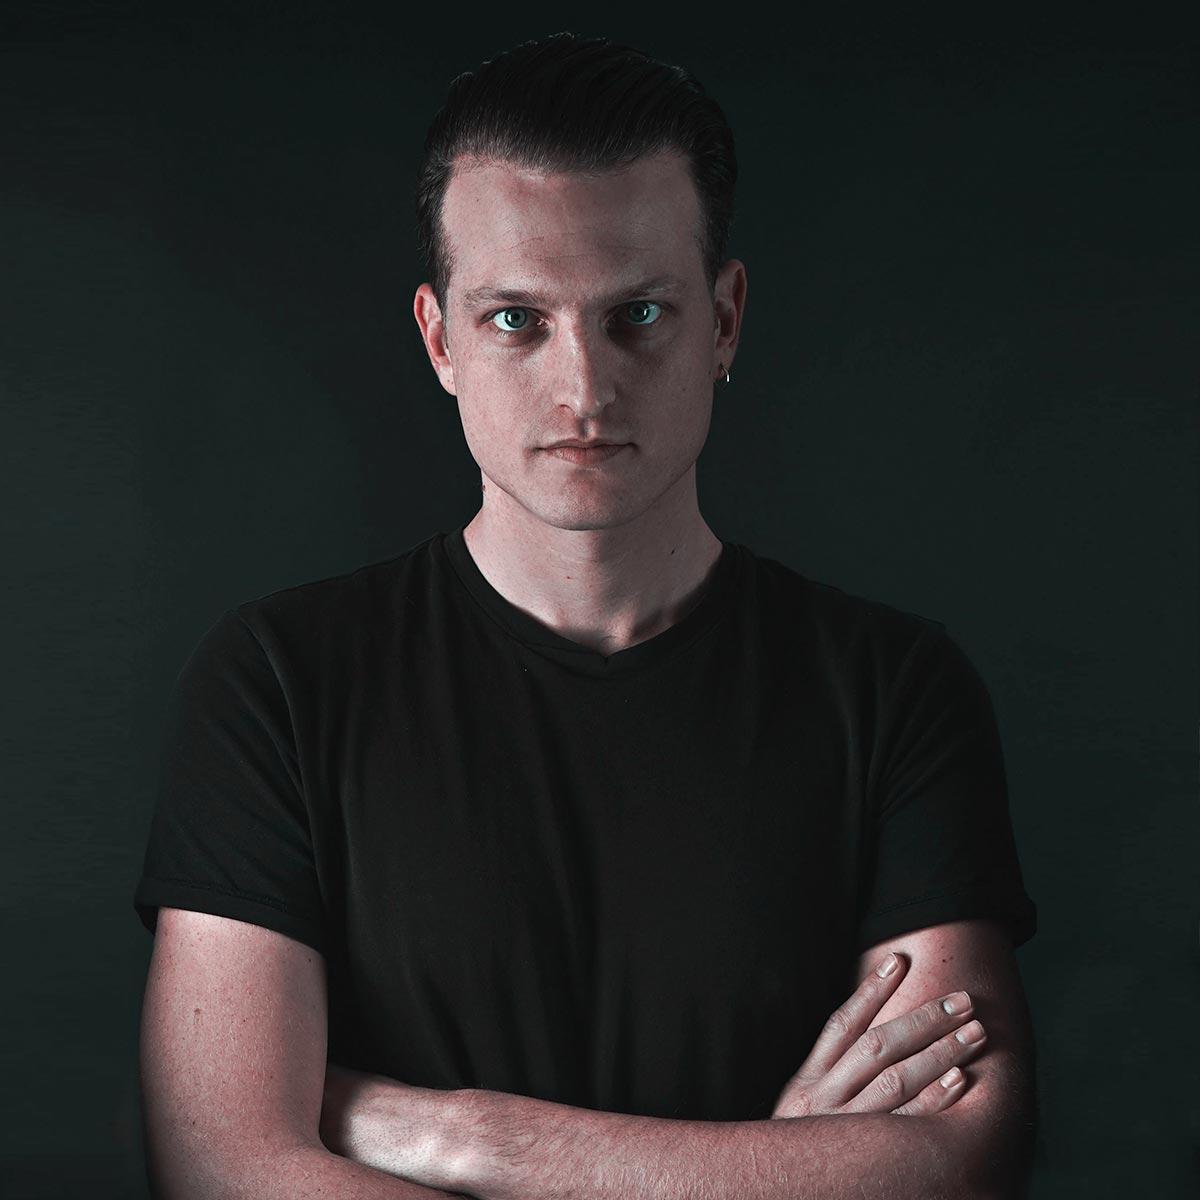 Daniele Vantaggio